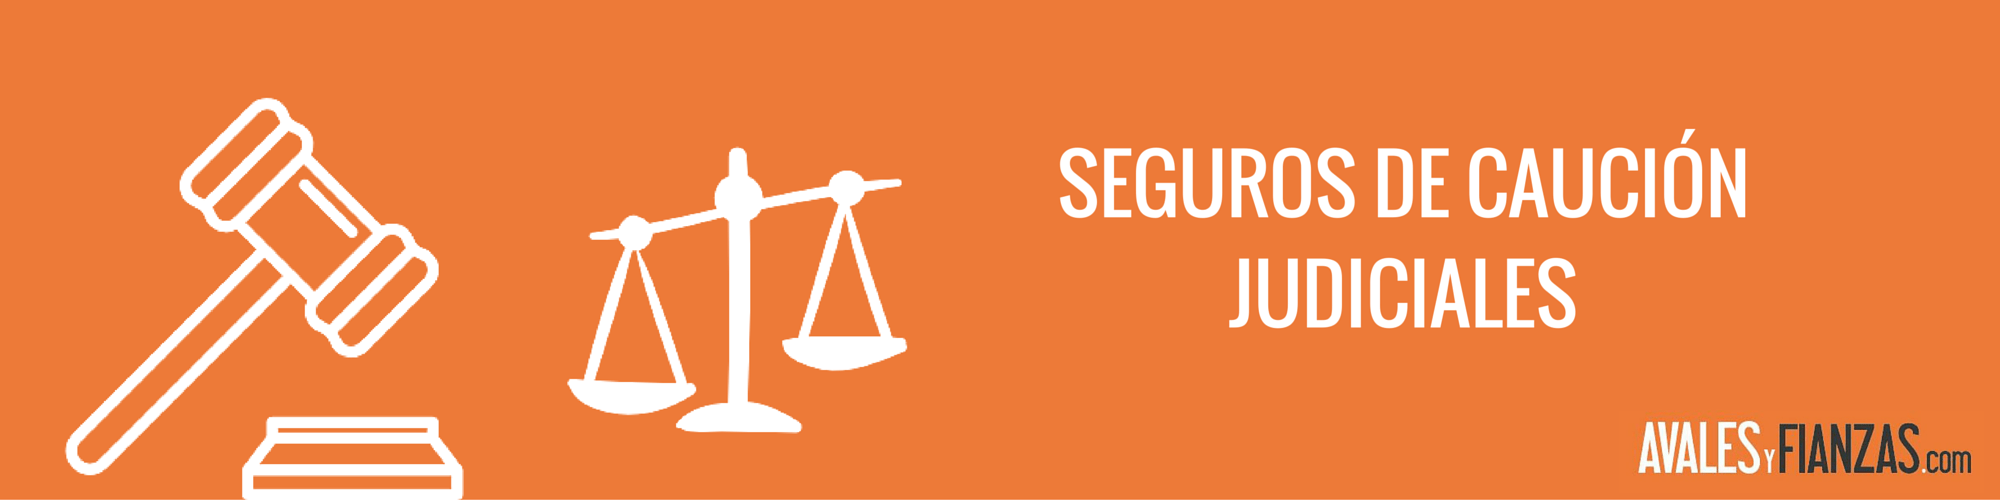 Seguros de Caución Judiciales